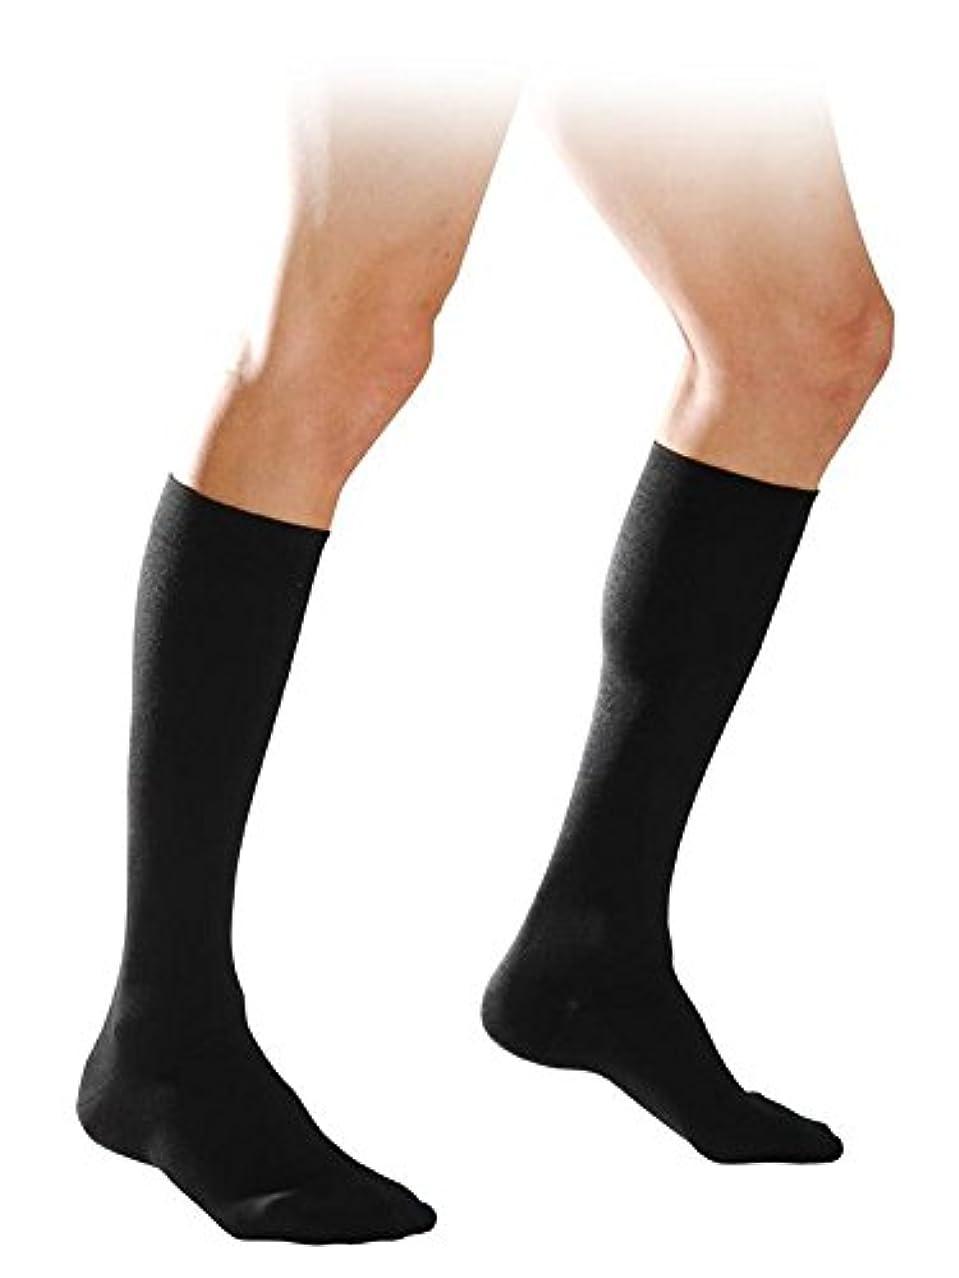 地下集中半径【エコノミー症候群予防】男性用 着圧ソックス (L, ブラック)